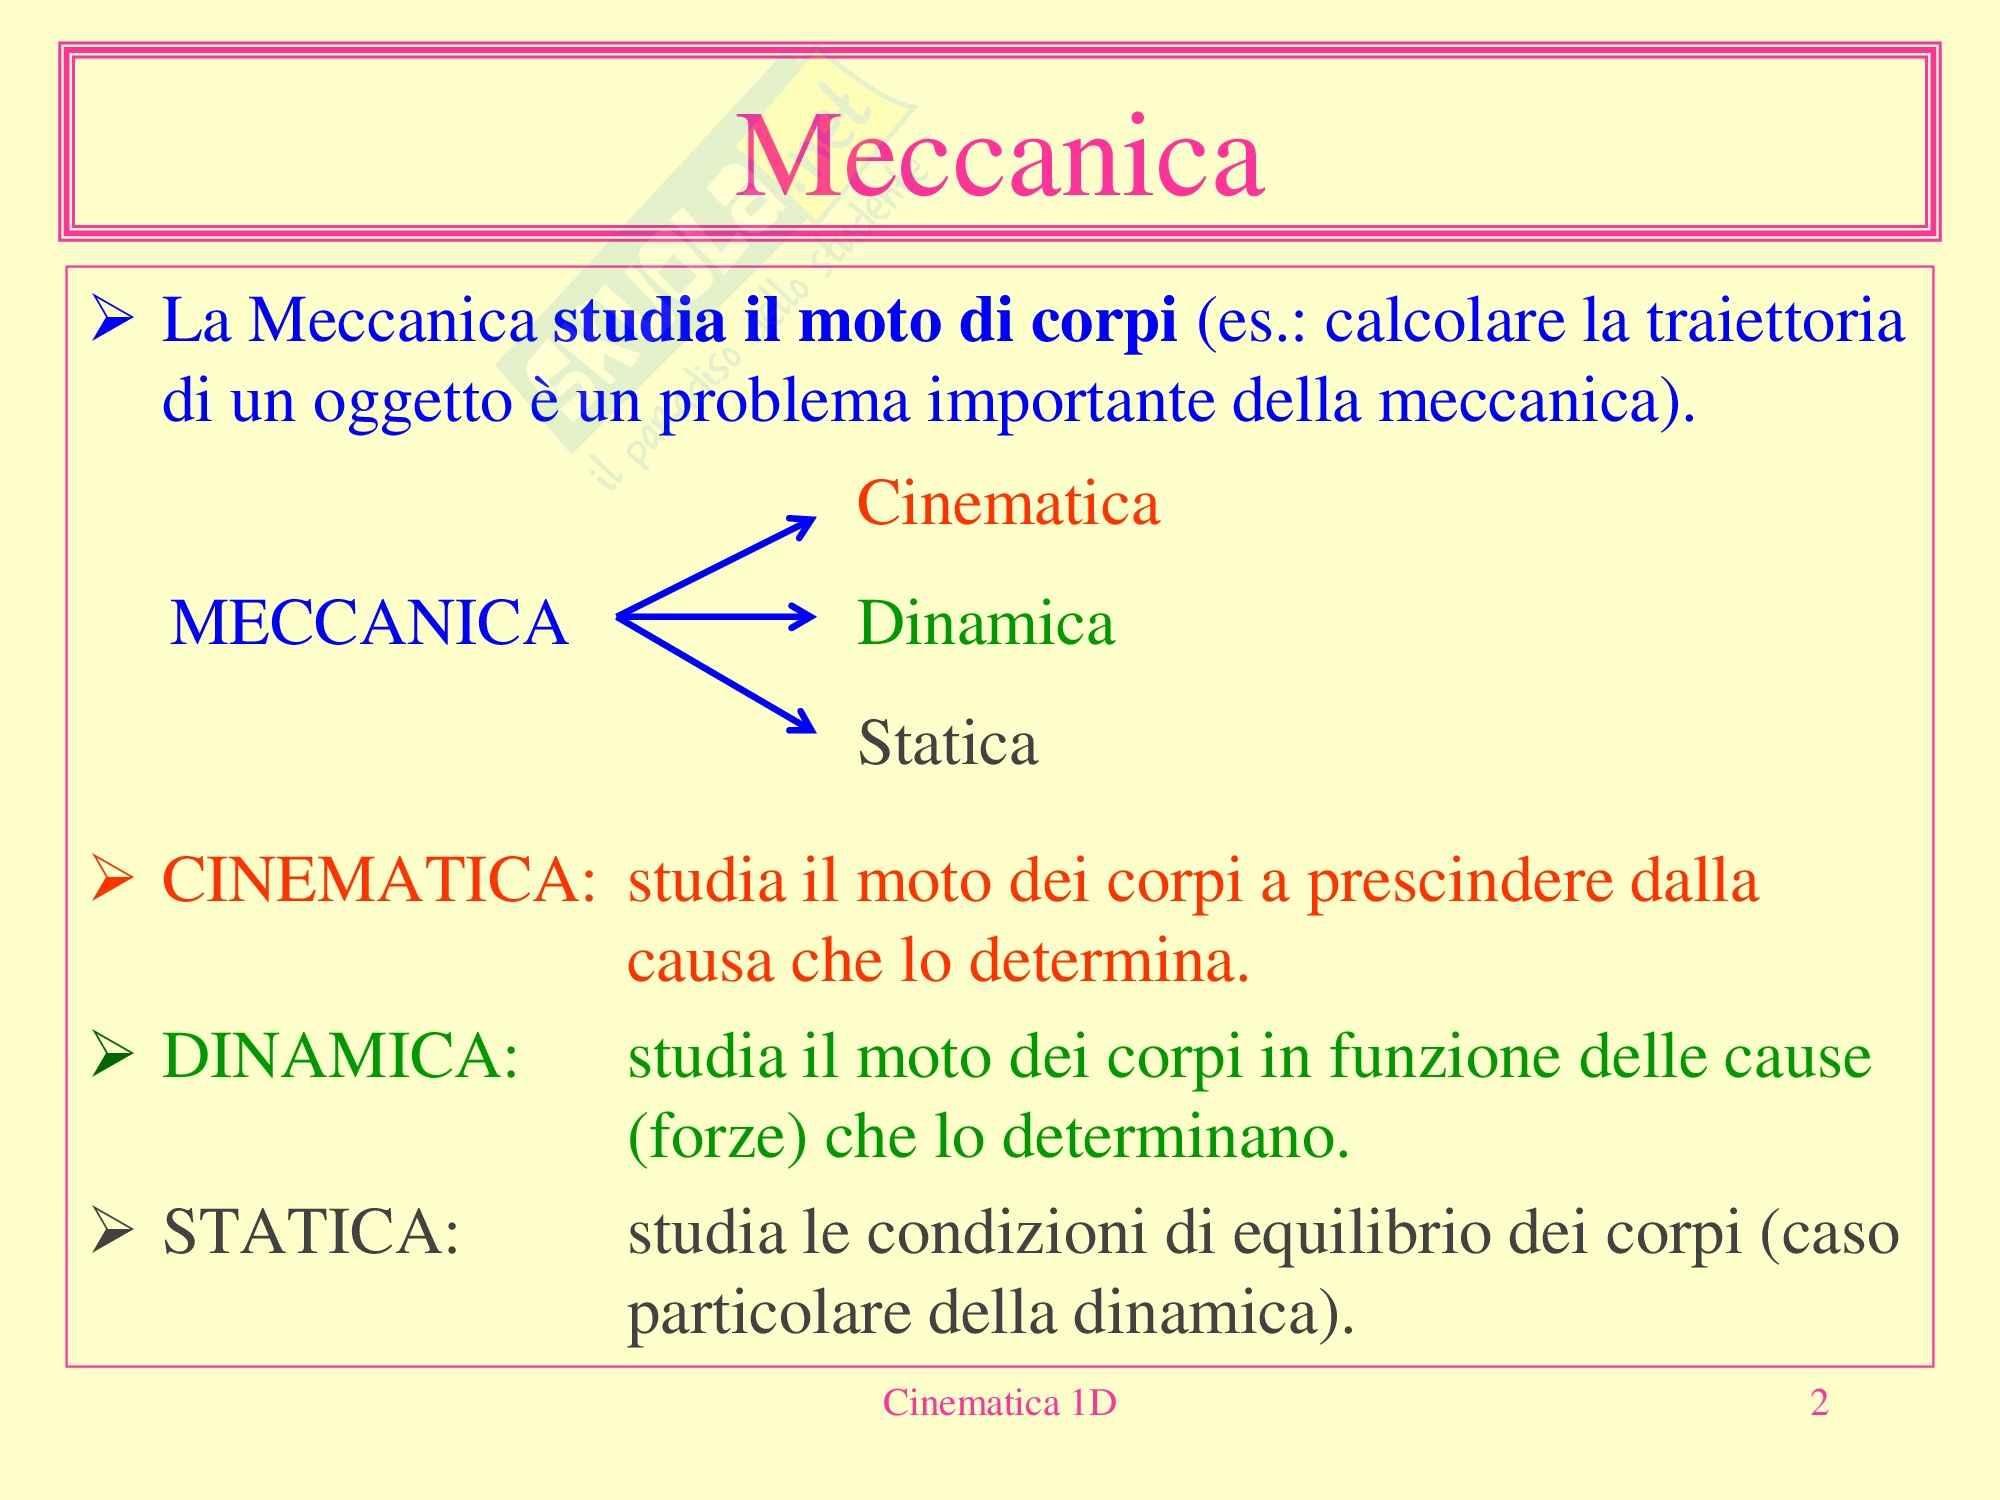 Fisica medica - Cinematica Pag. 2